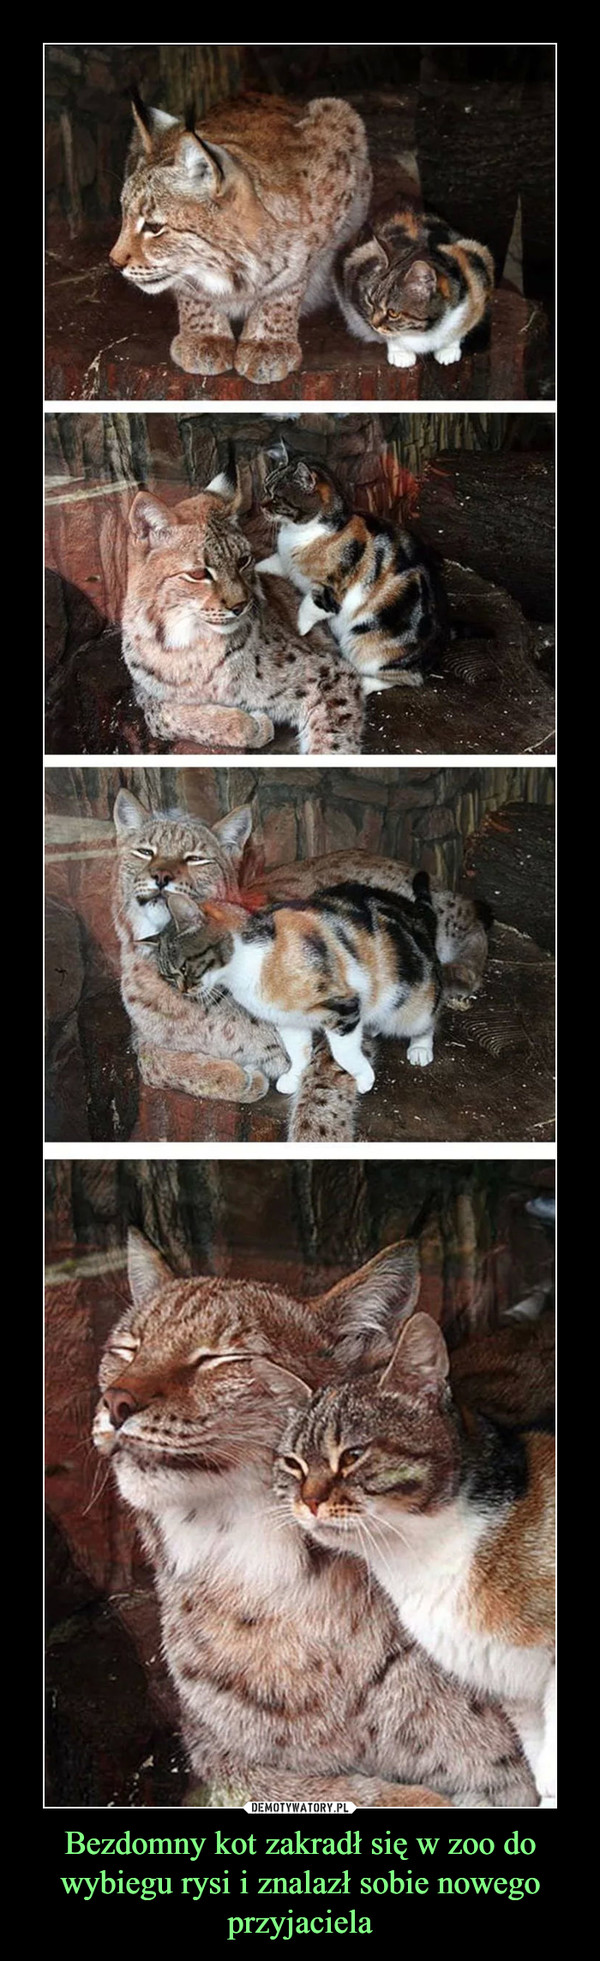 Bezdomny kot zakradł się w zoo do wybiegu rysi i znalazł sobie nowego przyjaciela –